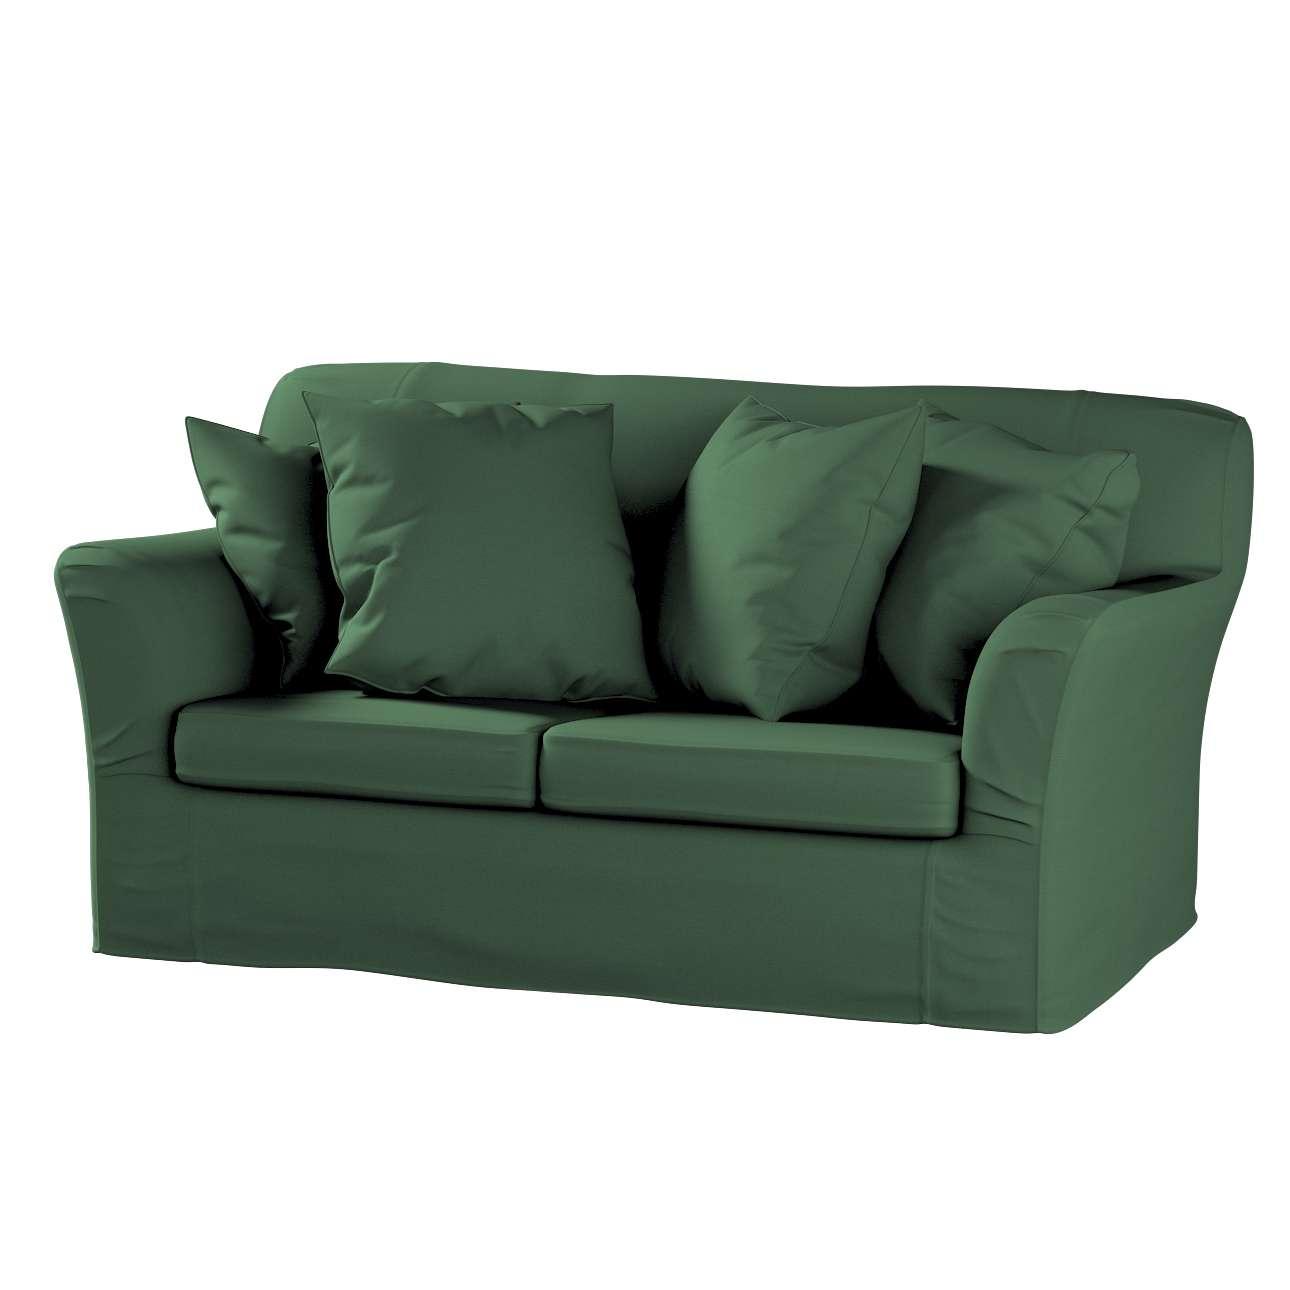 TOMELILLA  dvivietės sofos užvalkalas TOMELILLA dvivietė sofa kolekcijoje Cotton Panama, audinys: 702-06